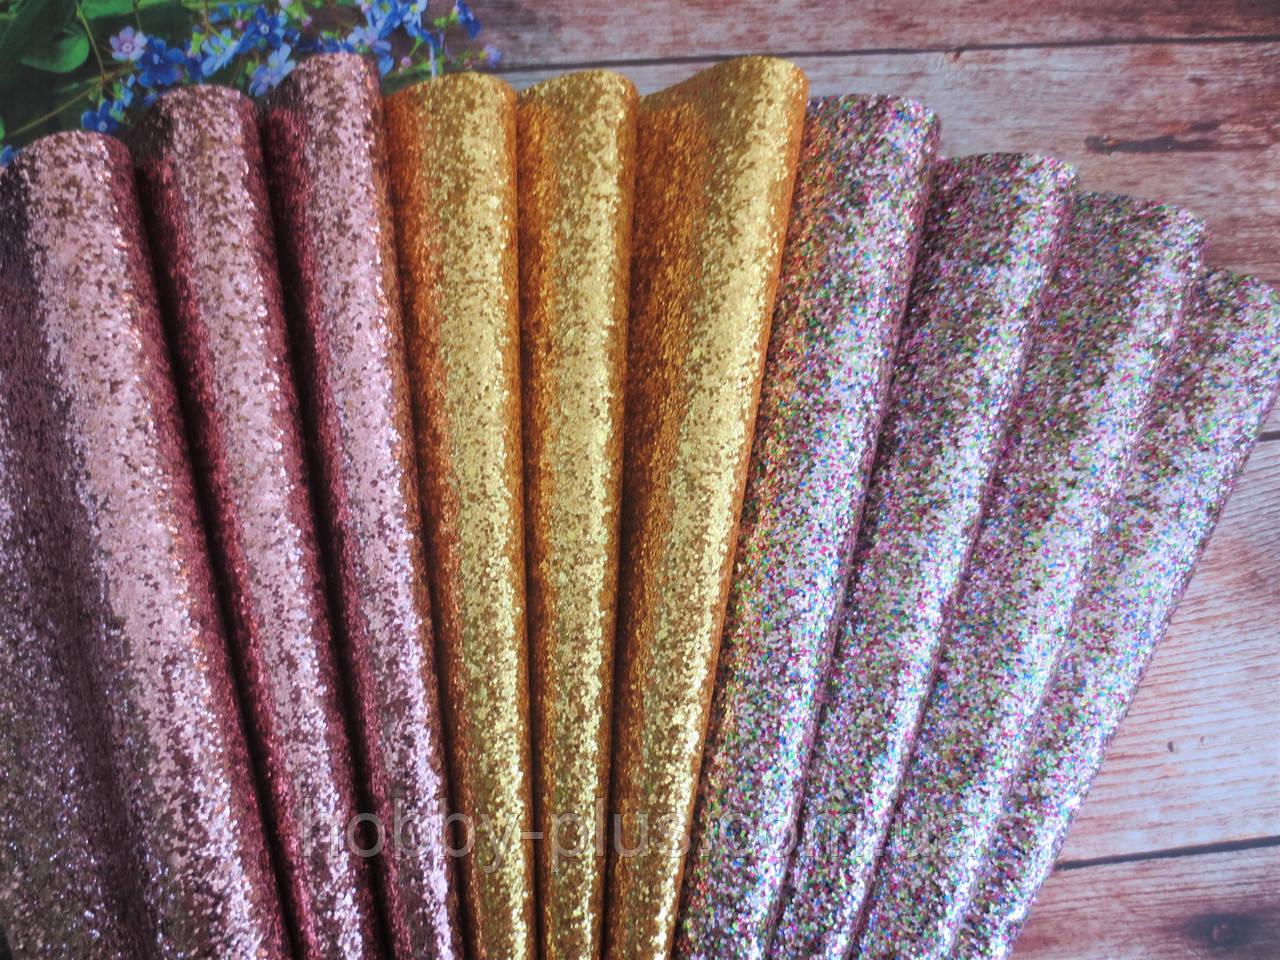 Набор экокожи (кожзама) с крупными блестками на тканевой основе, цвет МИКС, 20х30 см, 10 листов/упаковка